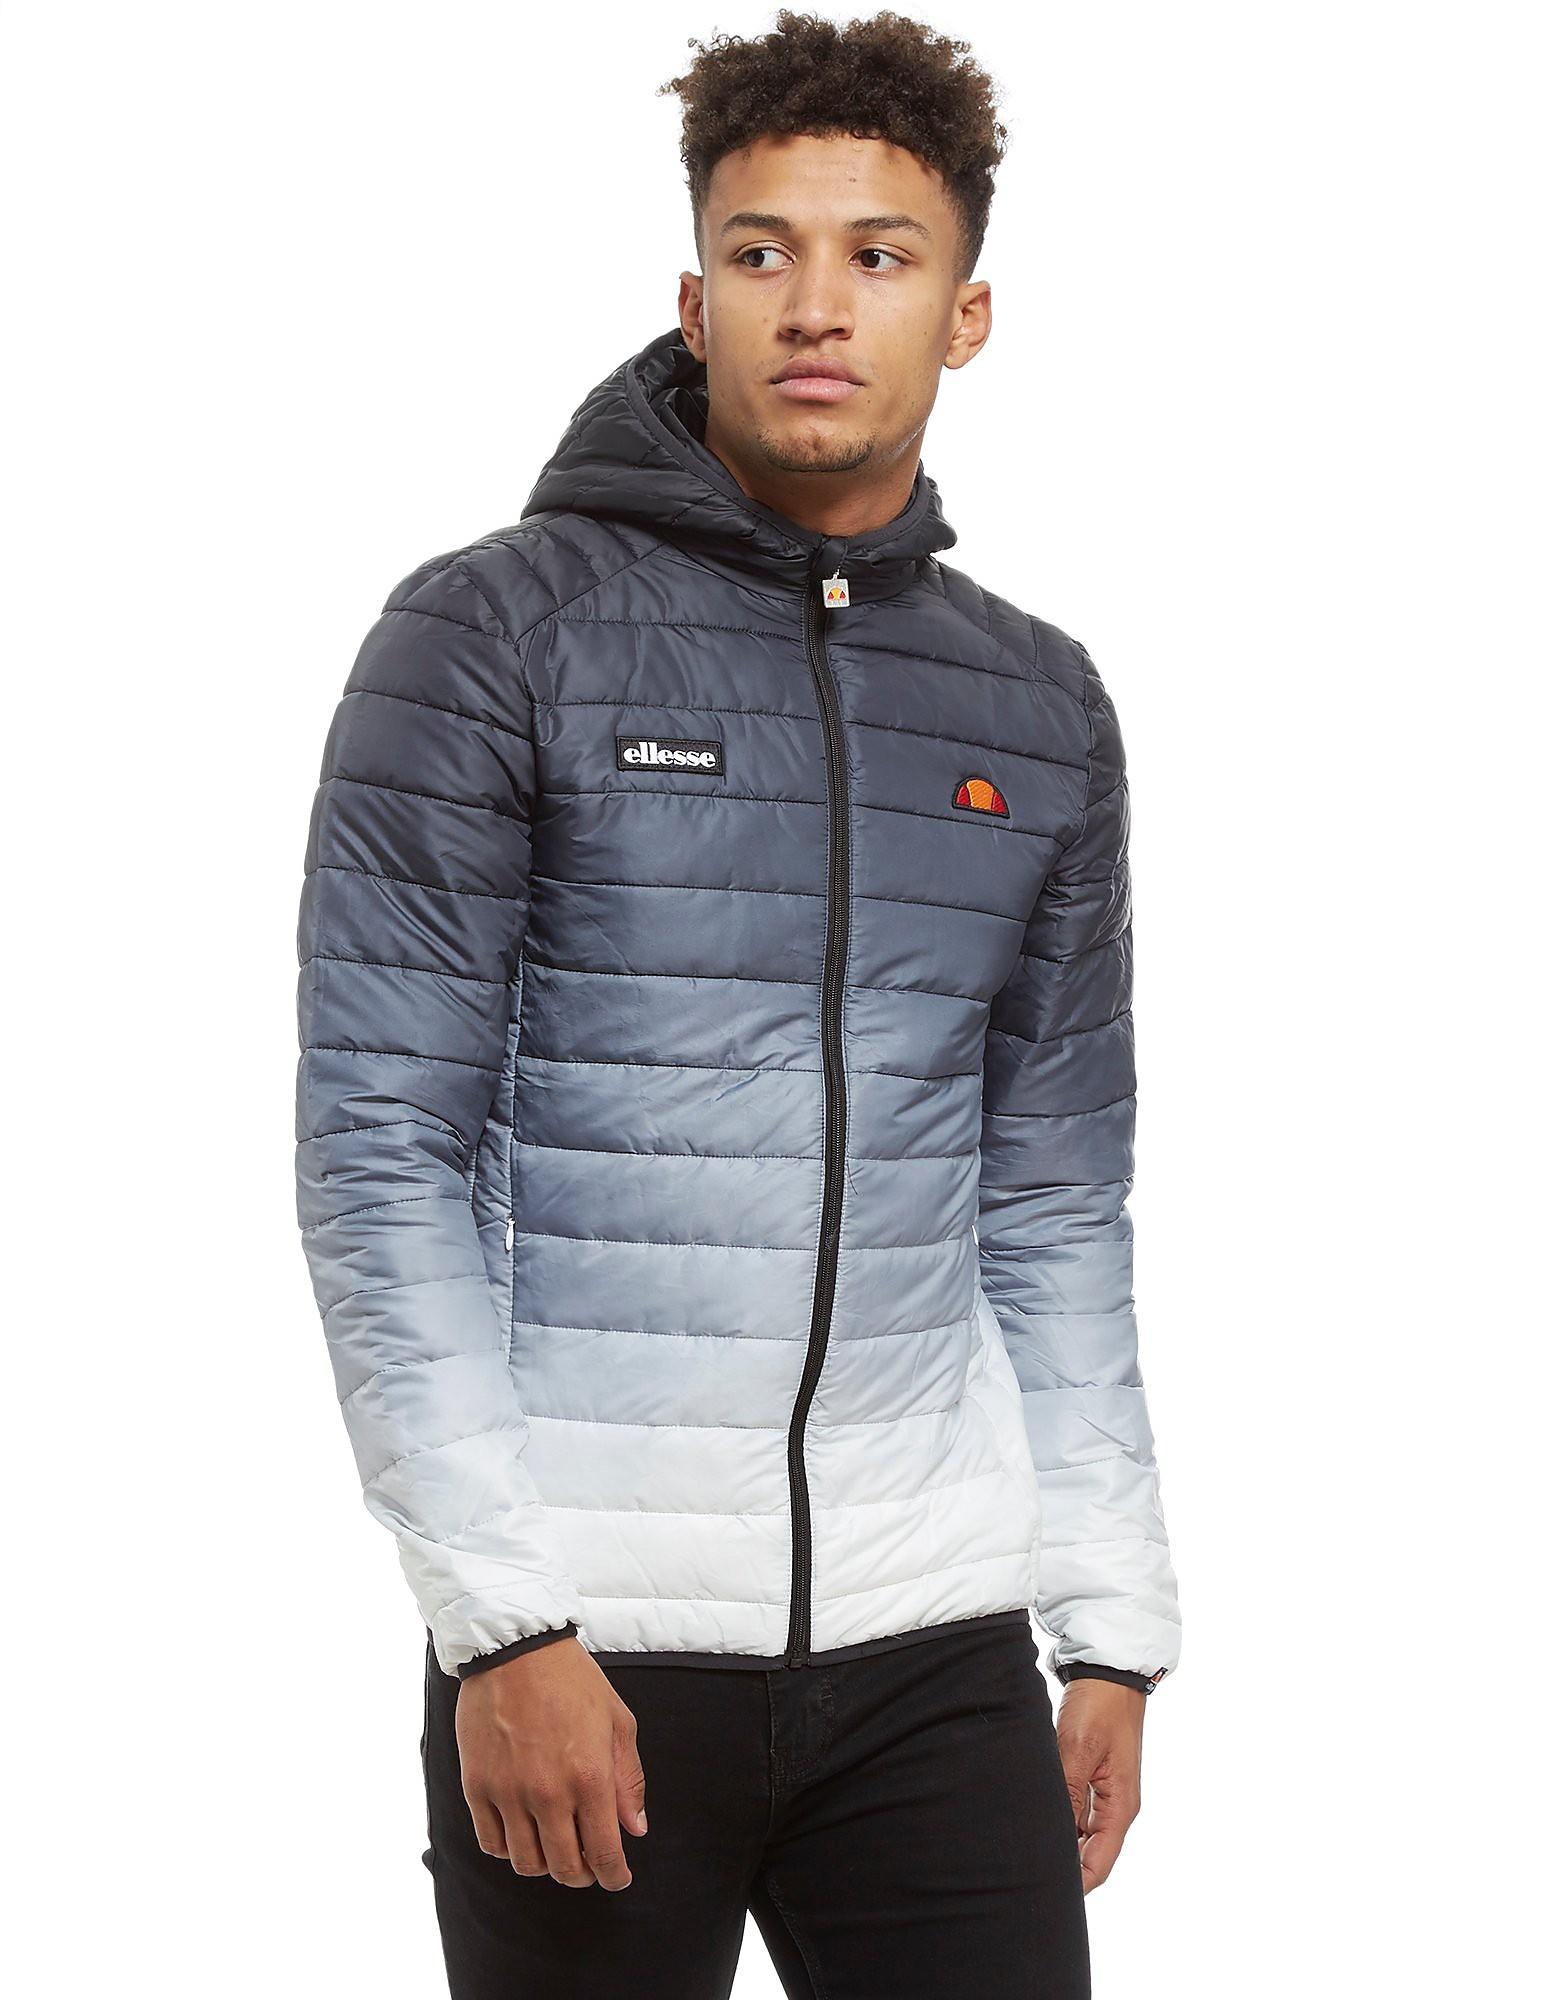 Ellesse Lombardy Fade Jacket